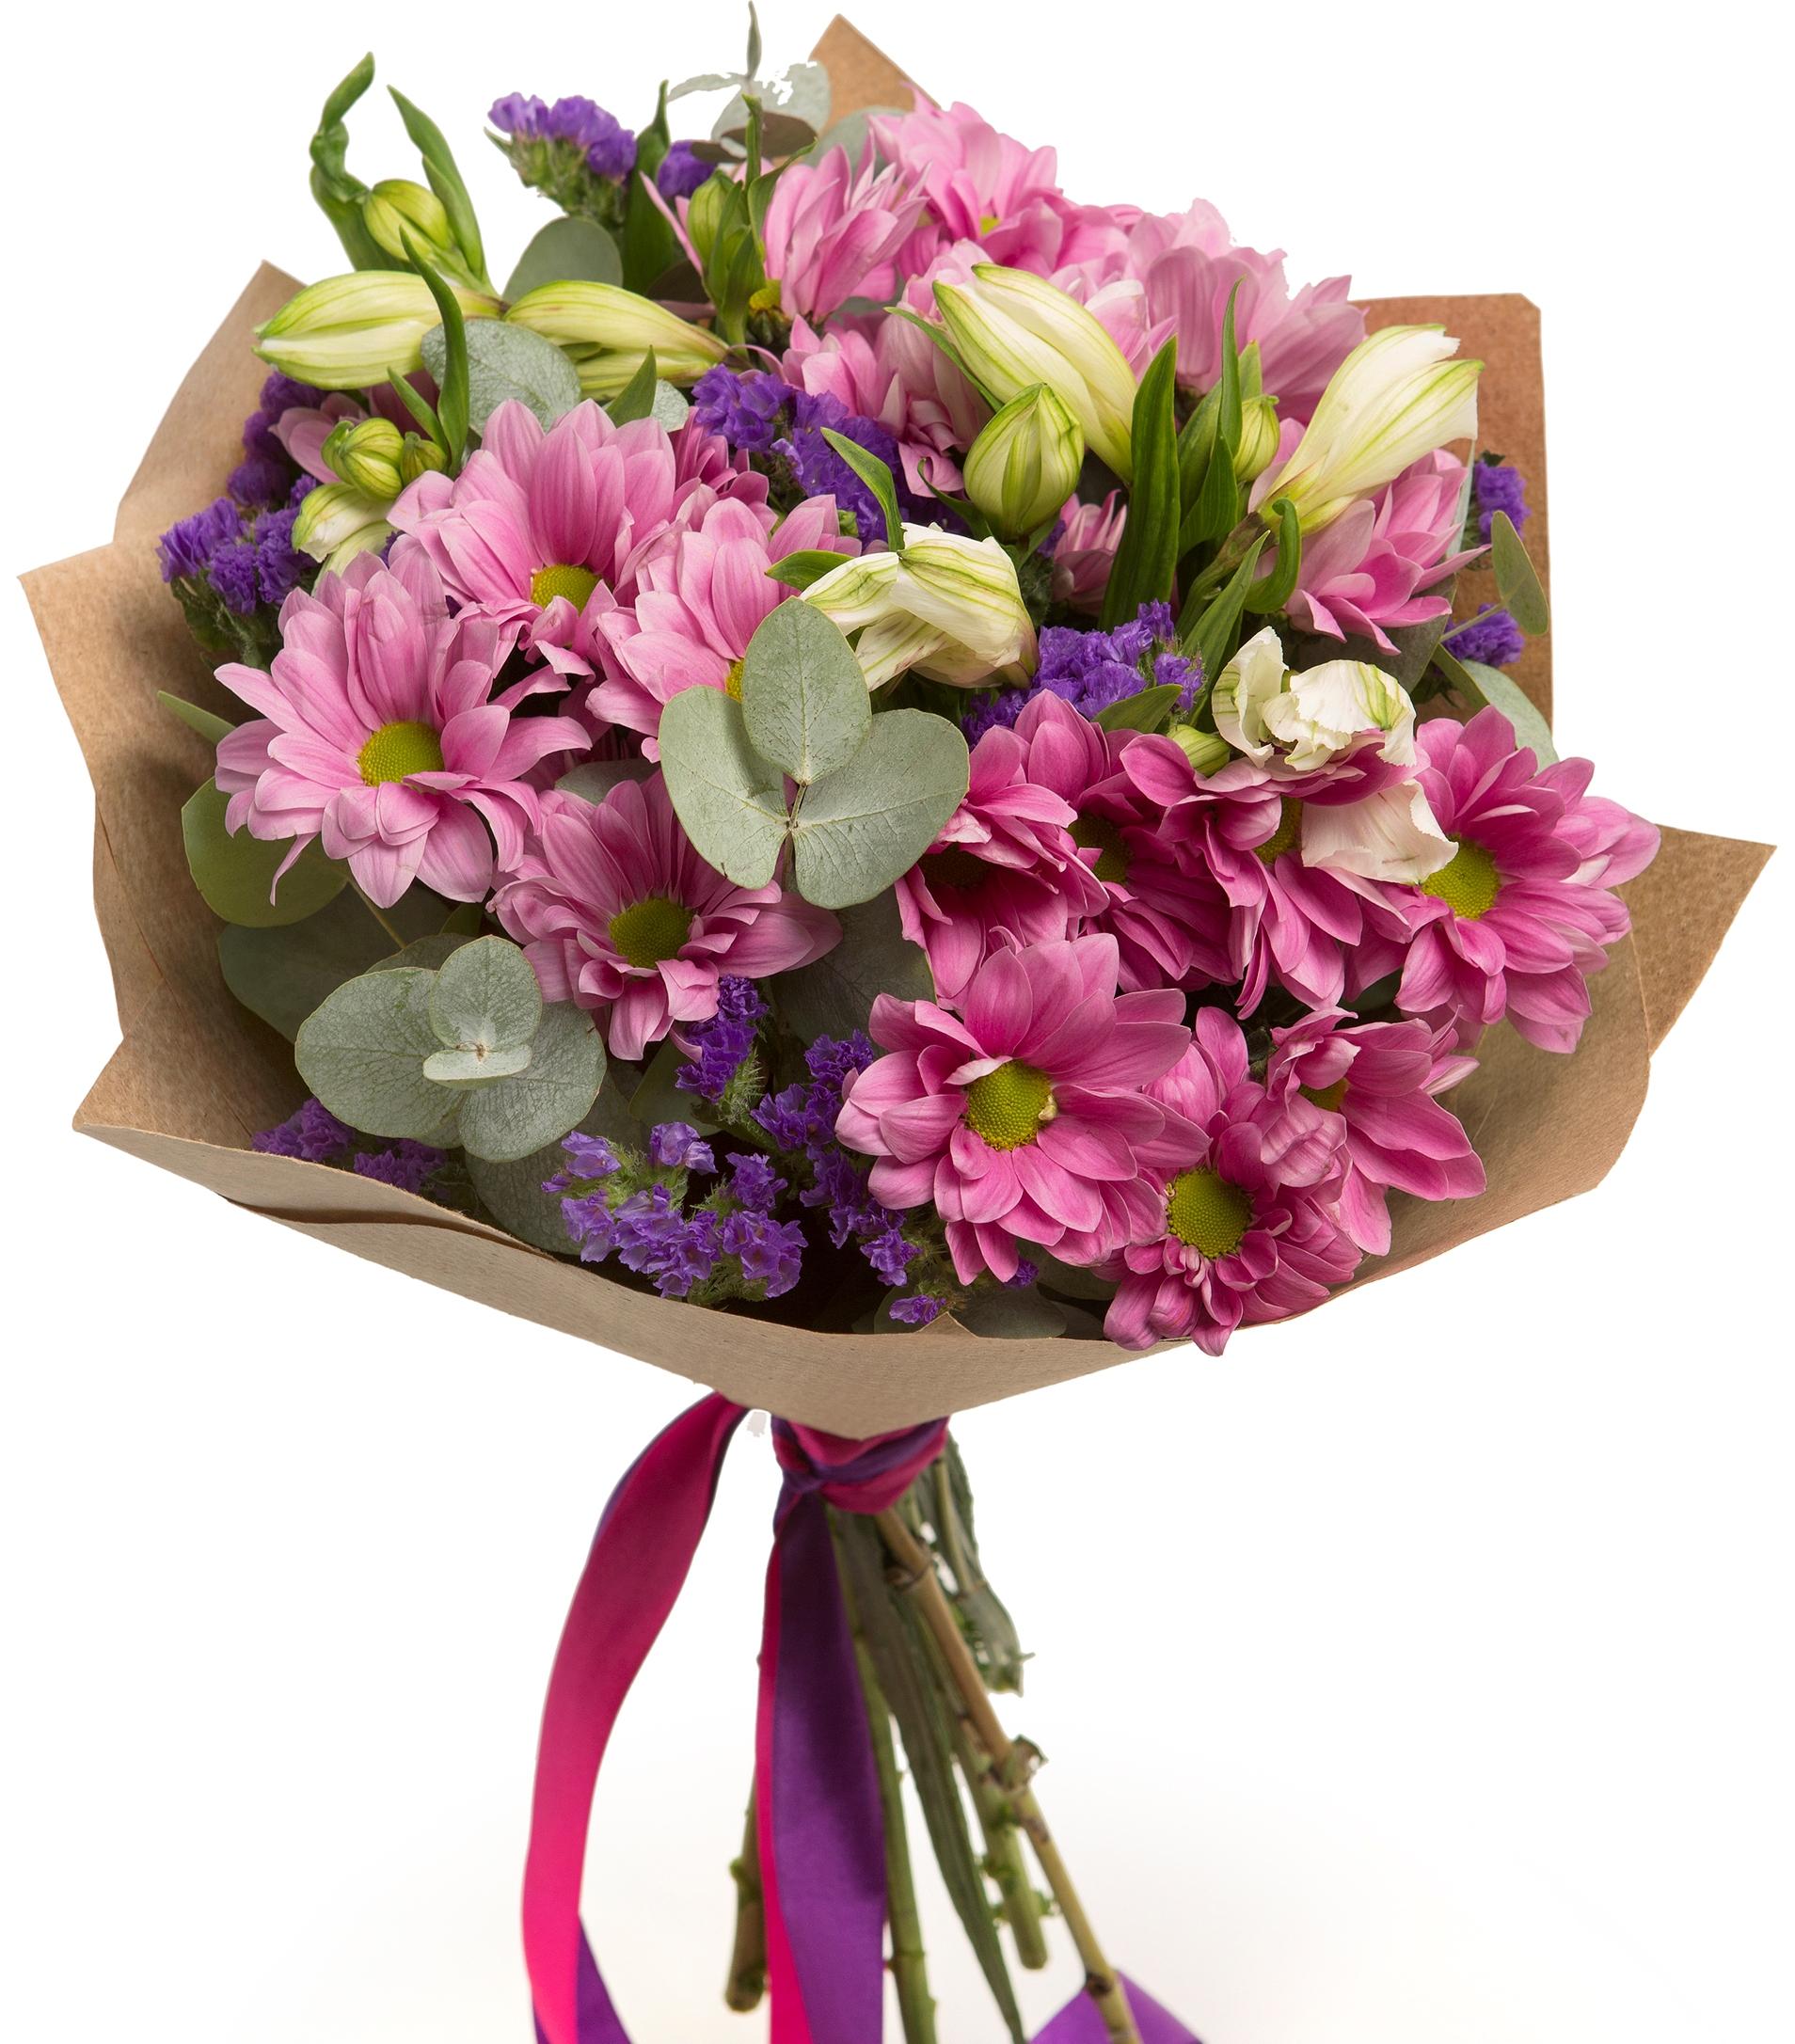 Авторский букет цветов МаркизаХризантемы<br><br>Ингредиенты: Альстромерия 2 шт, Статица 2 шт, Хризантема кустовая 3 шт, Эвкалипт, Крафт 1 шт;